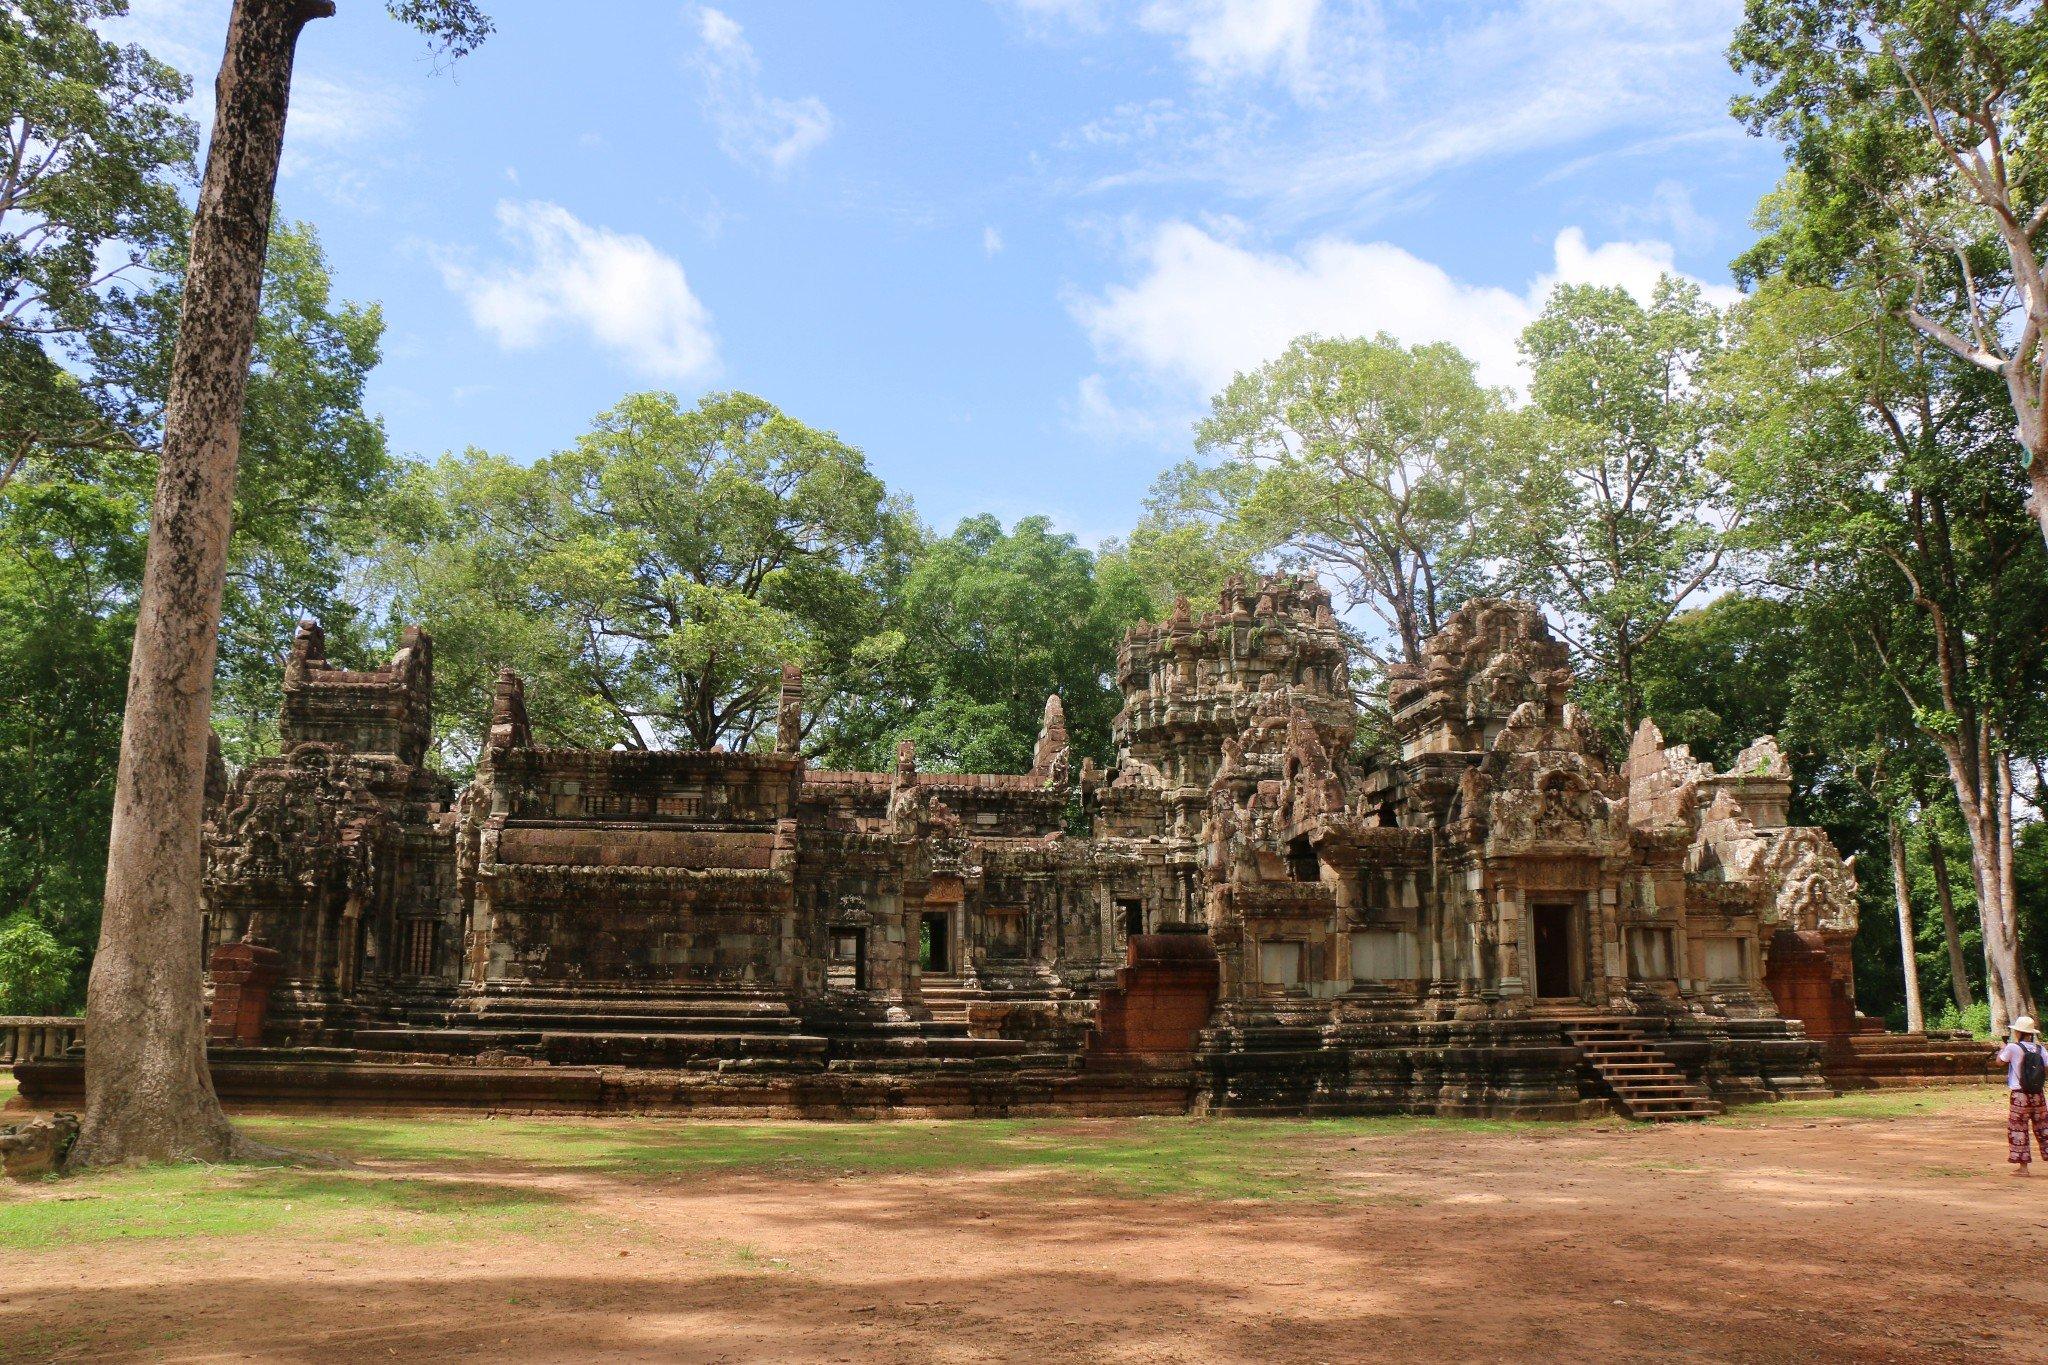 探寻神秘国度的兴衰——我的柬埔寨之行